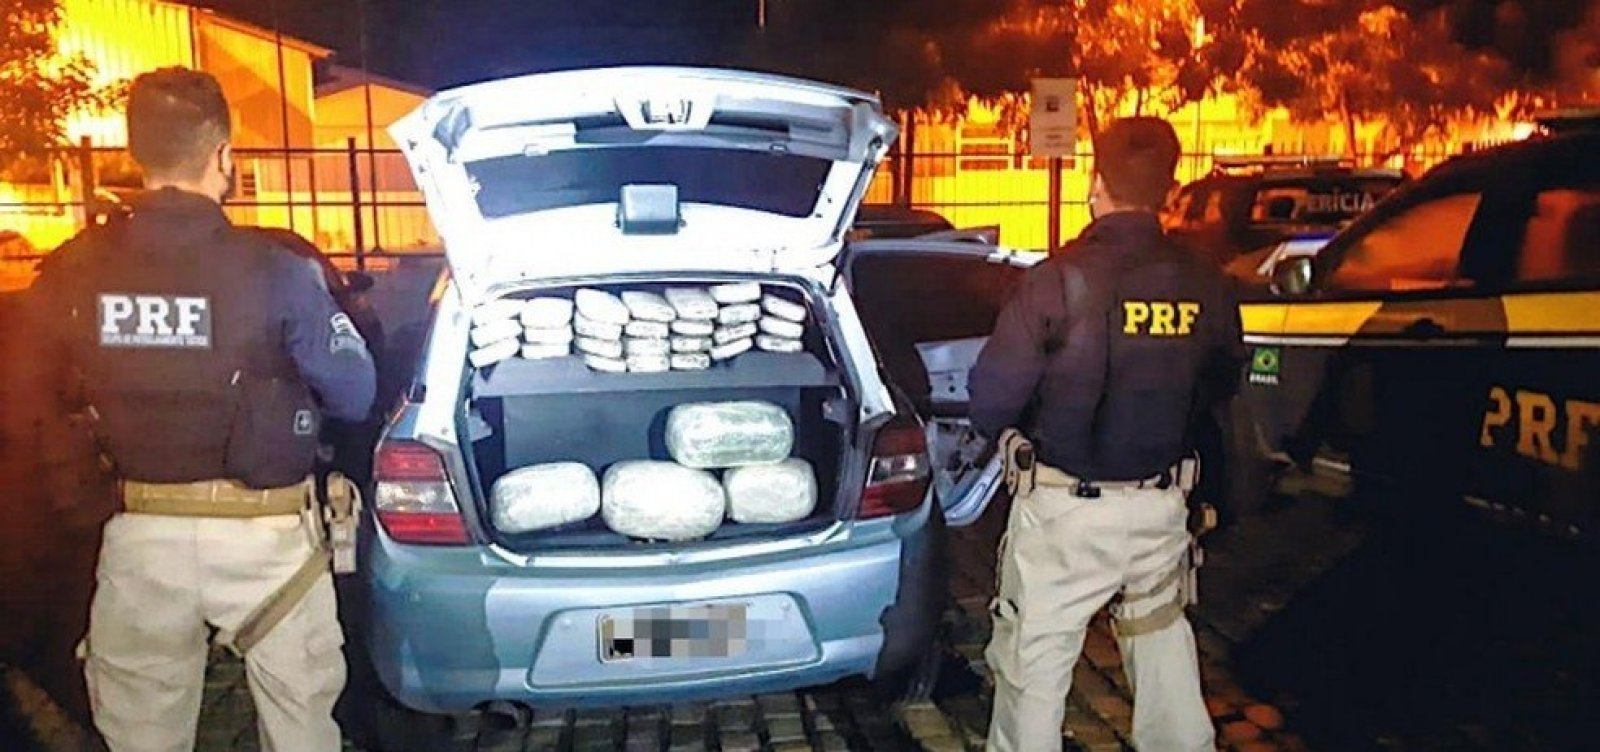 [Casal é preso após ser flagrado com 35 kg de maconha em estrada na BA; dupla levava criança no carro]